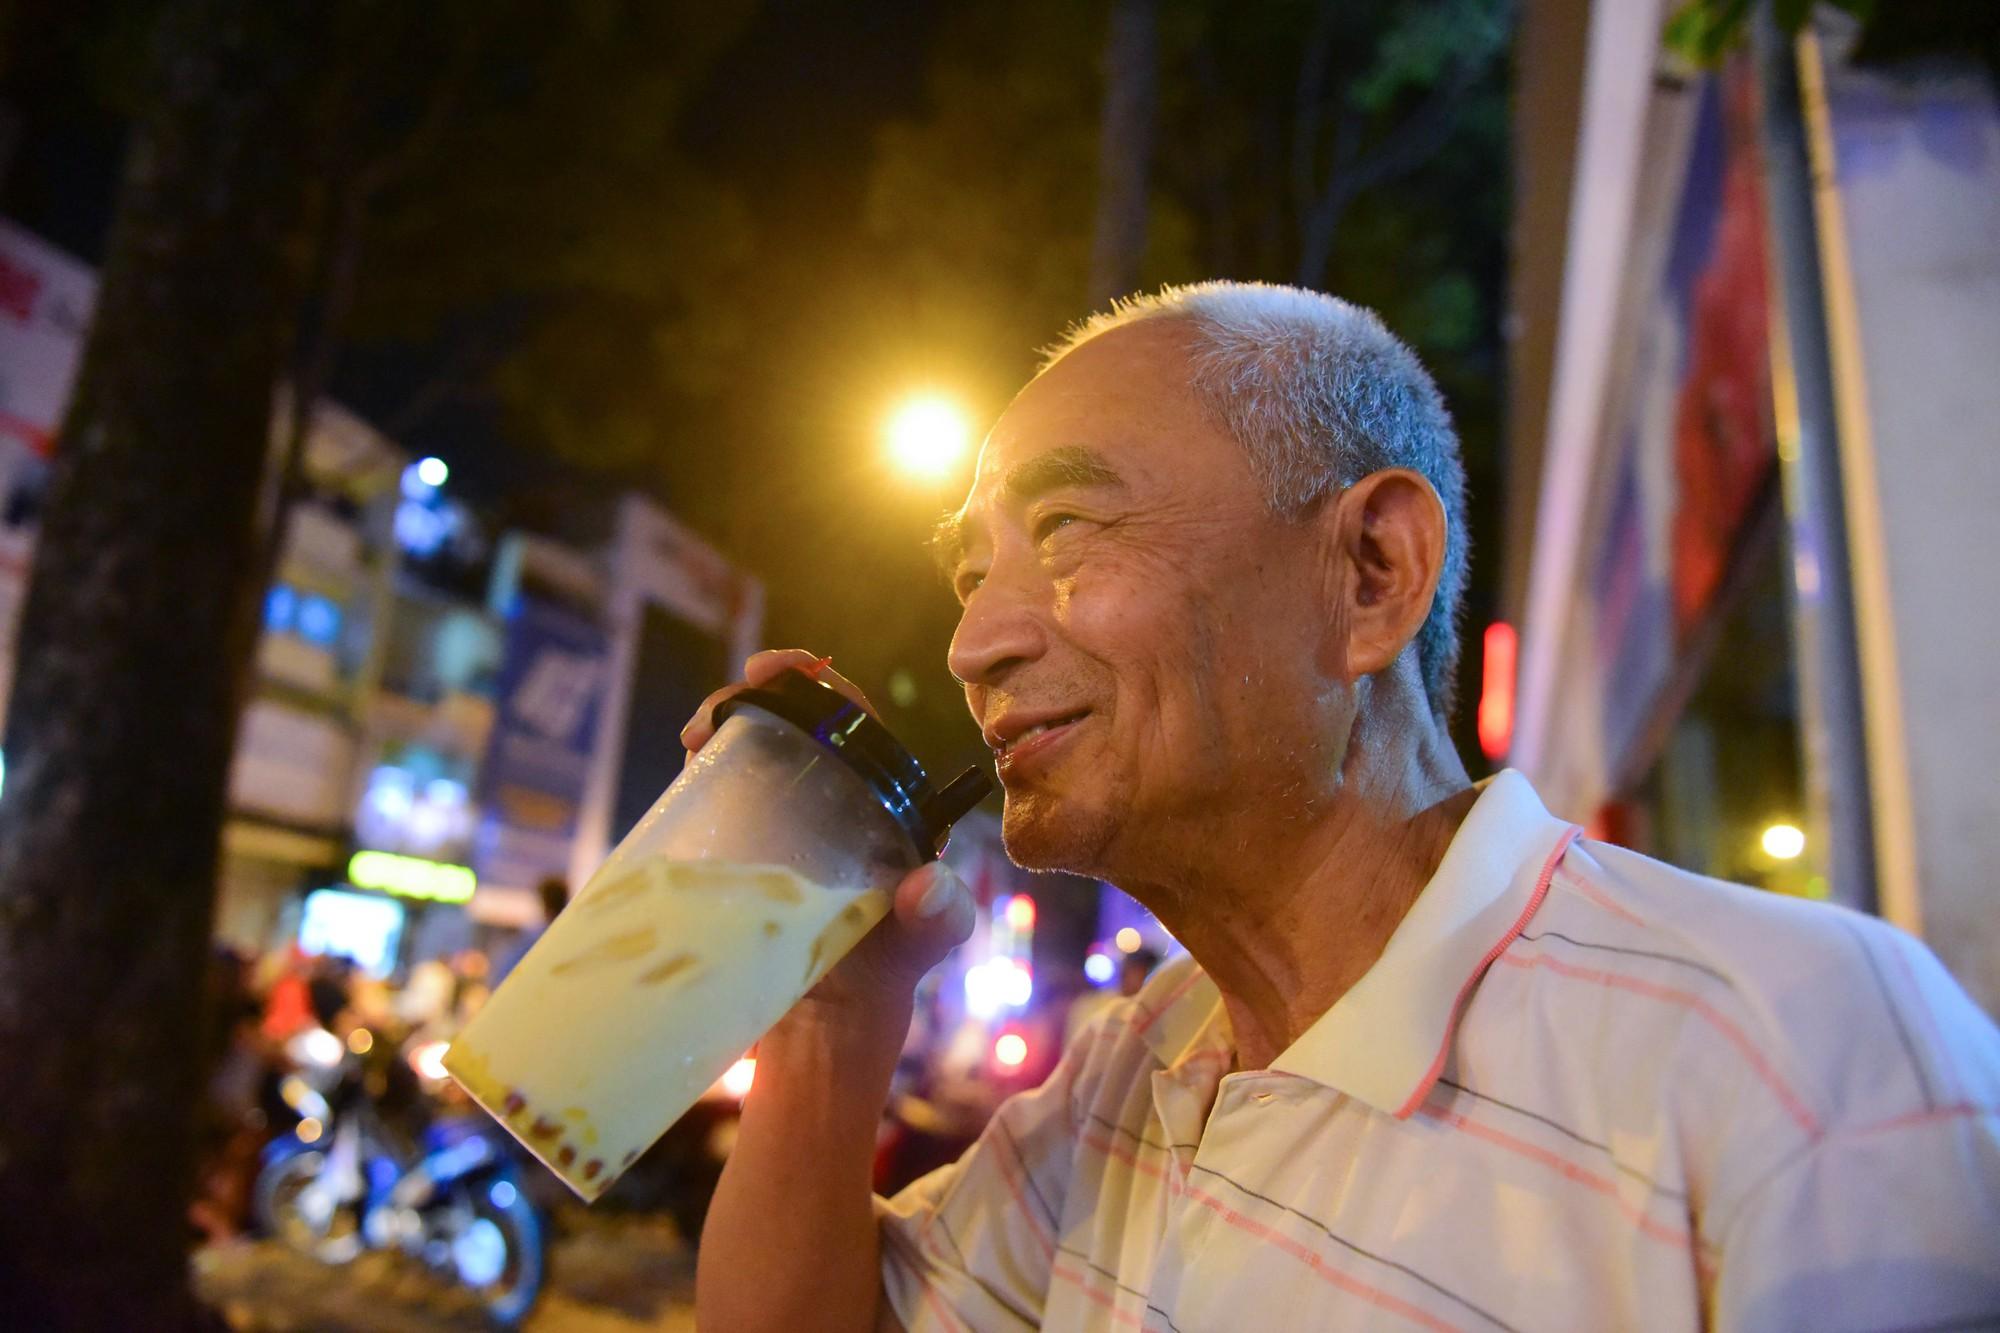 Người Sài Gòn xếp hàng kín vỉa hè chờ mua sữa tươi trân châu đường đen - Ảnh 11.